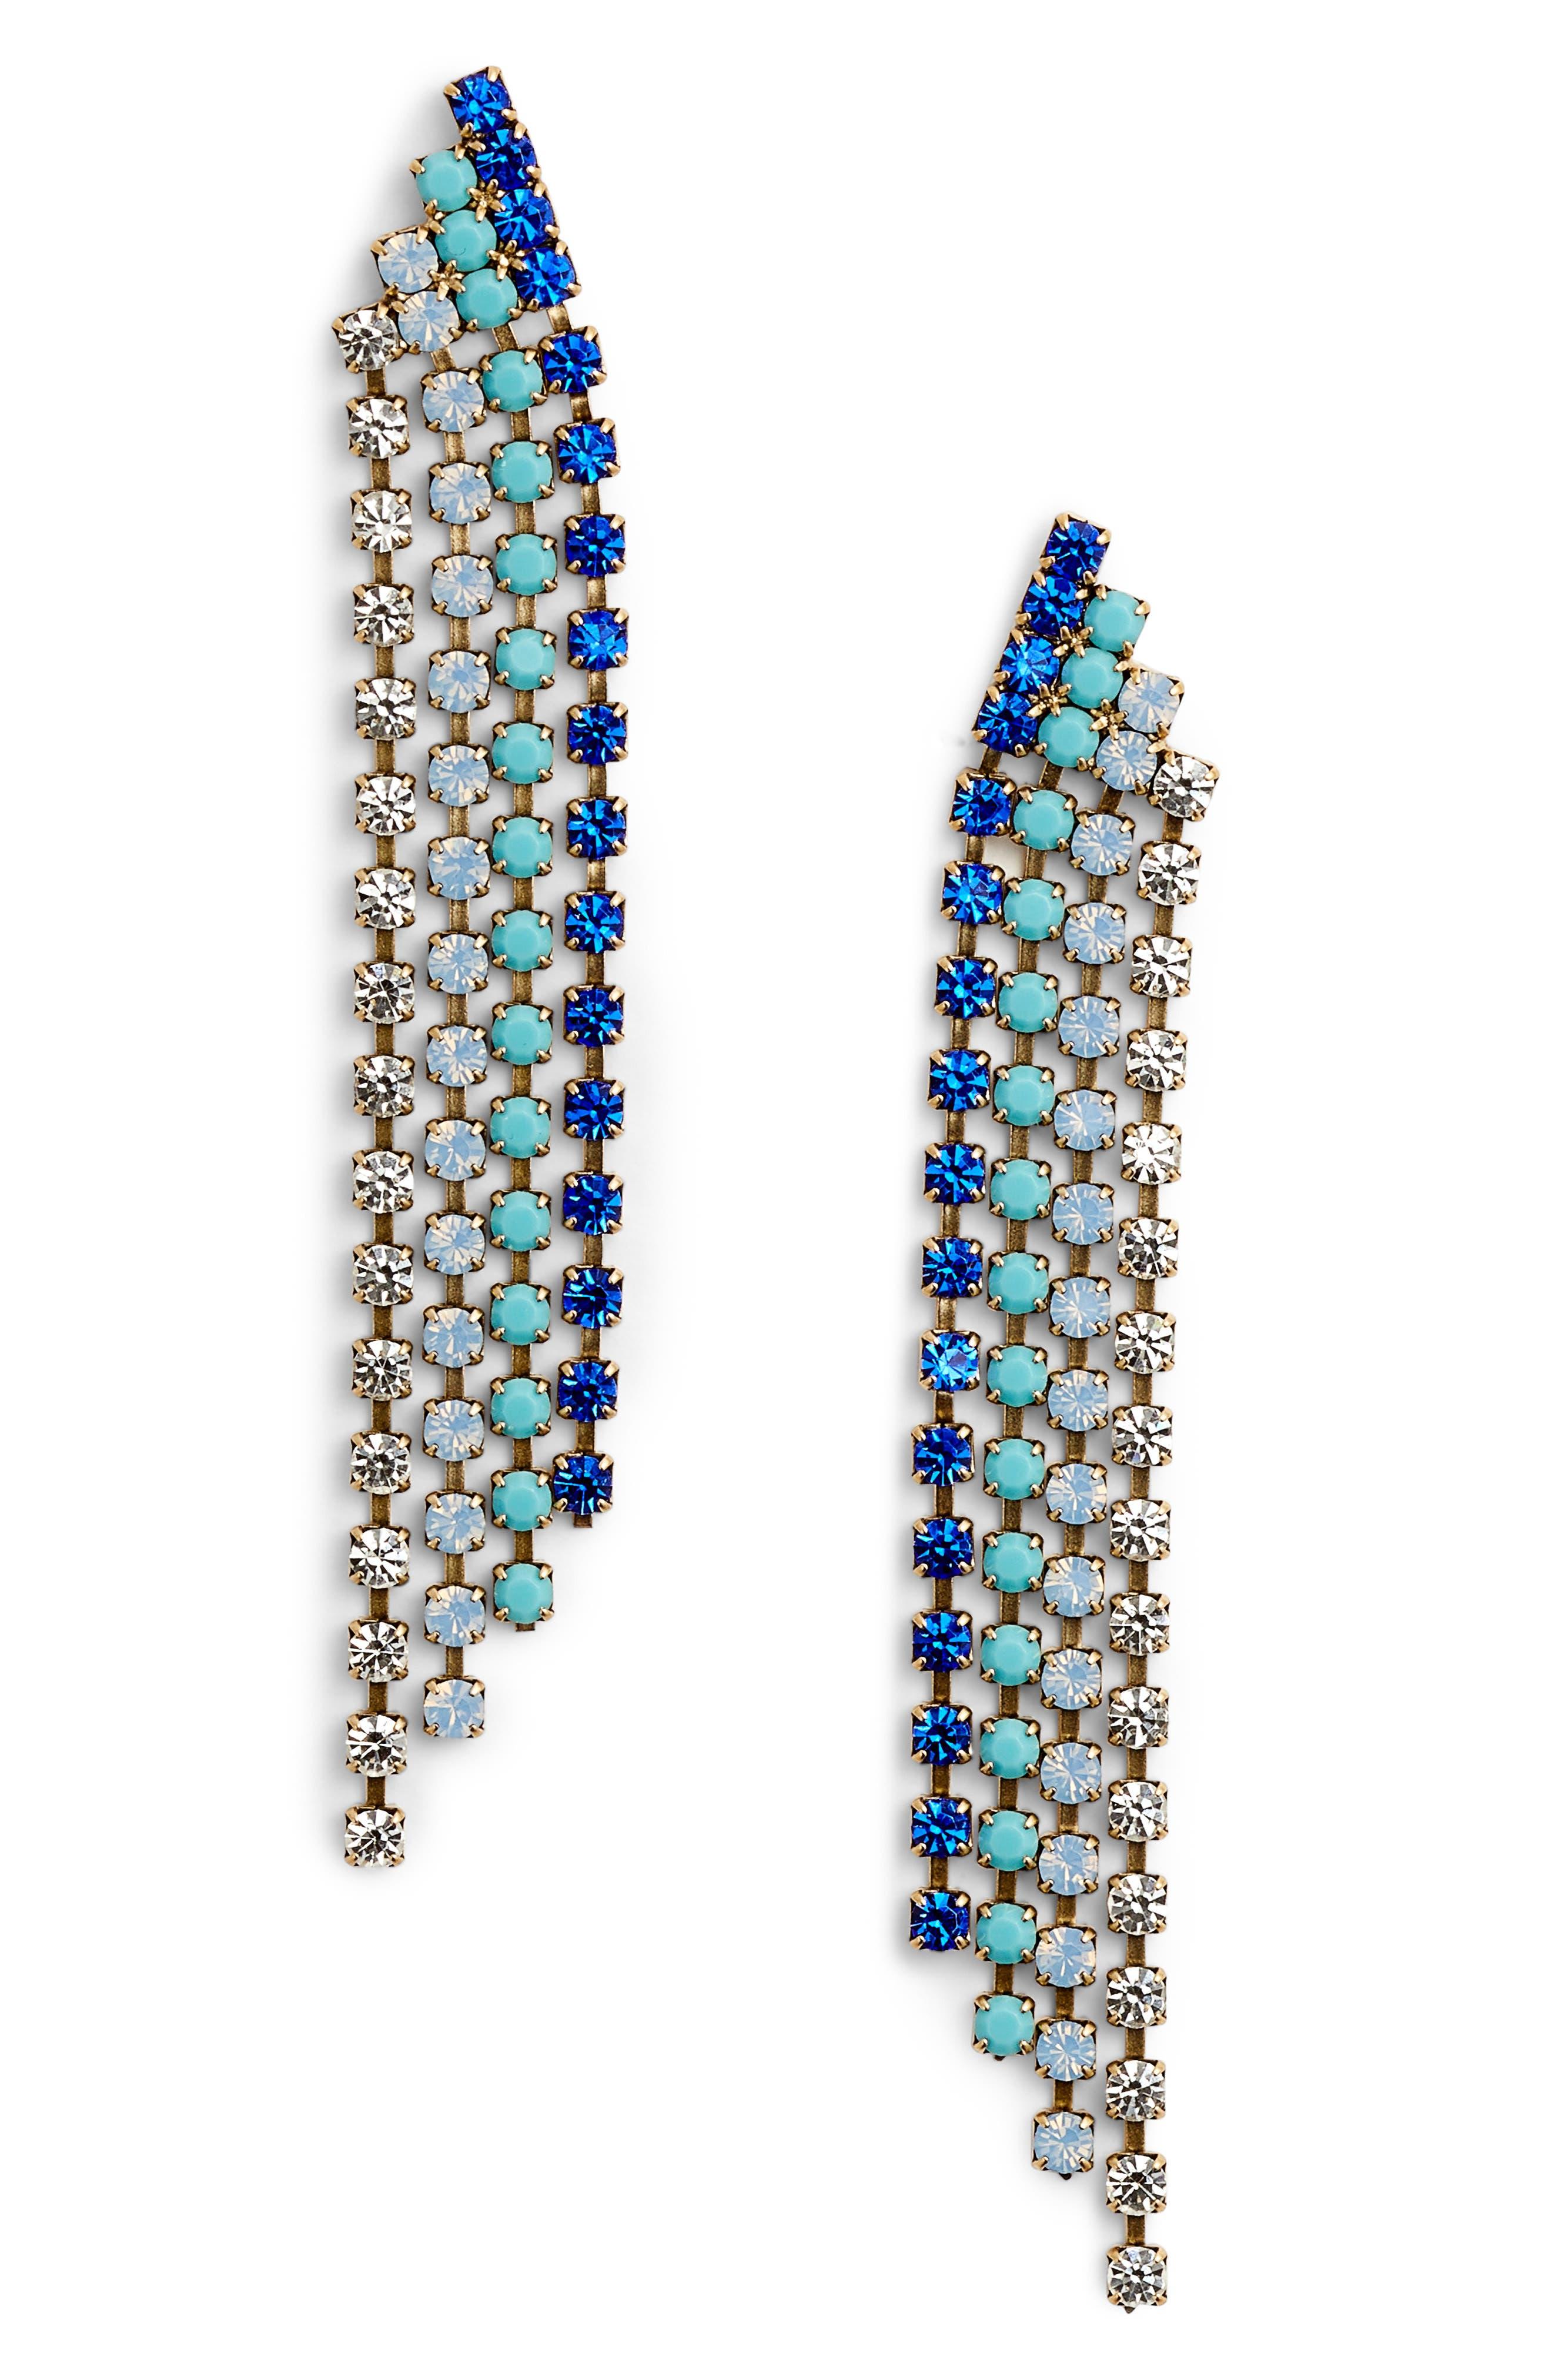 Marissa Drop Earrings,                             Main thumbnail 1, color,                             BLUE